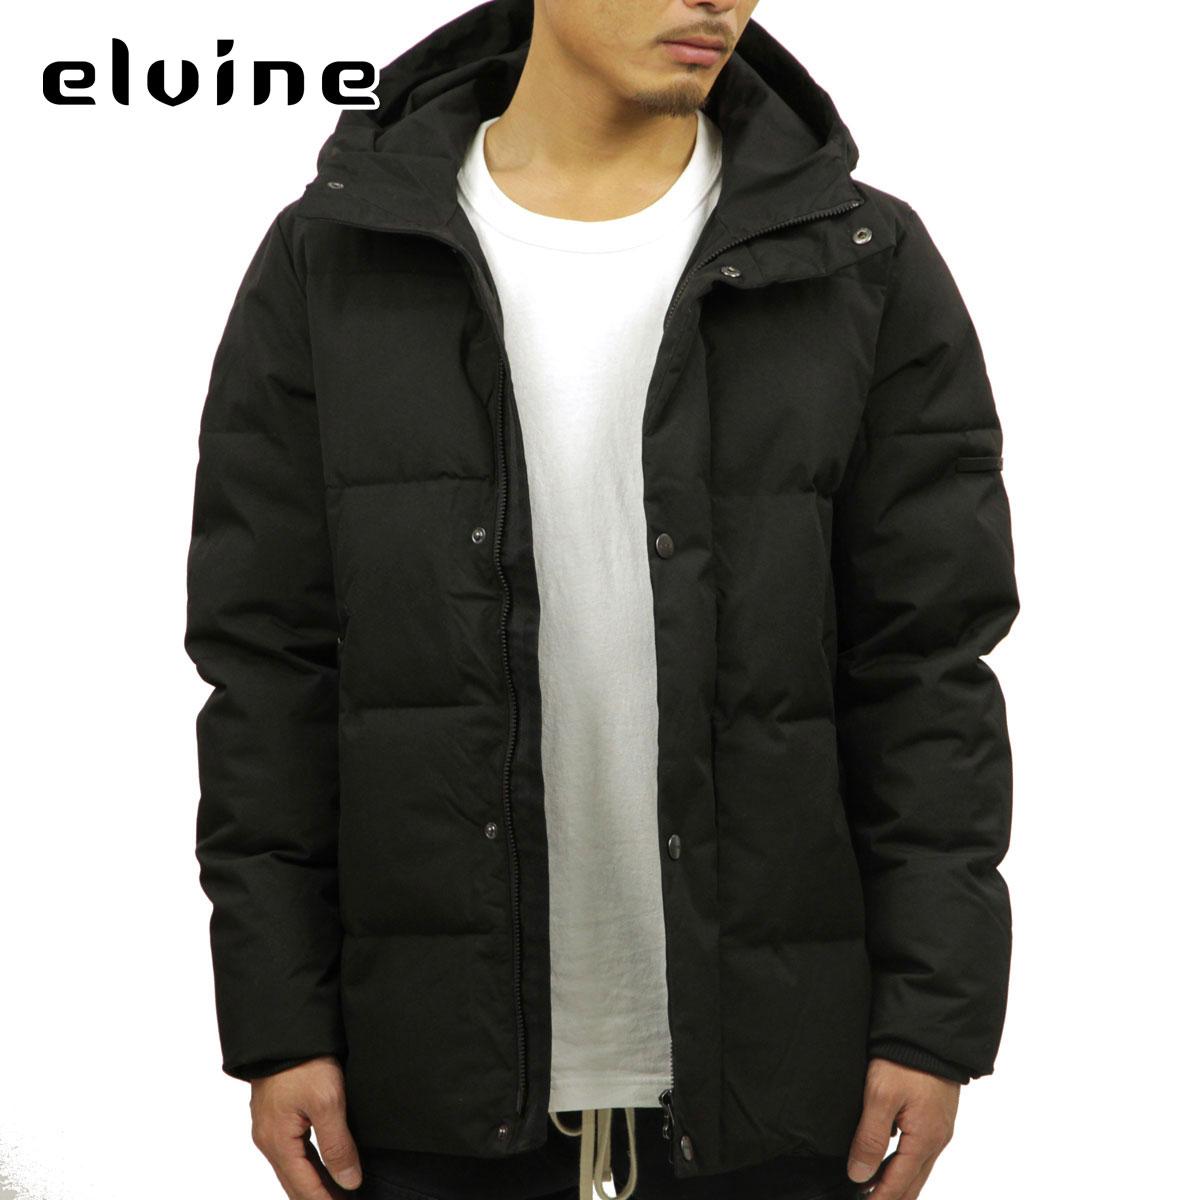 エルバイン elvine 正規販売店 メンズ アウター ダウンジャケット BRUNO SORONA ECO DOWN TOUCH JACKET 183015 BLACK